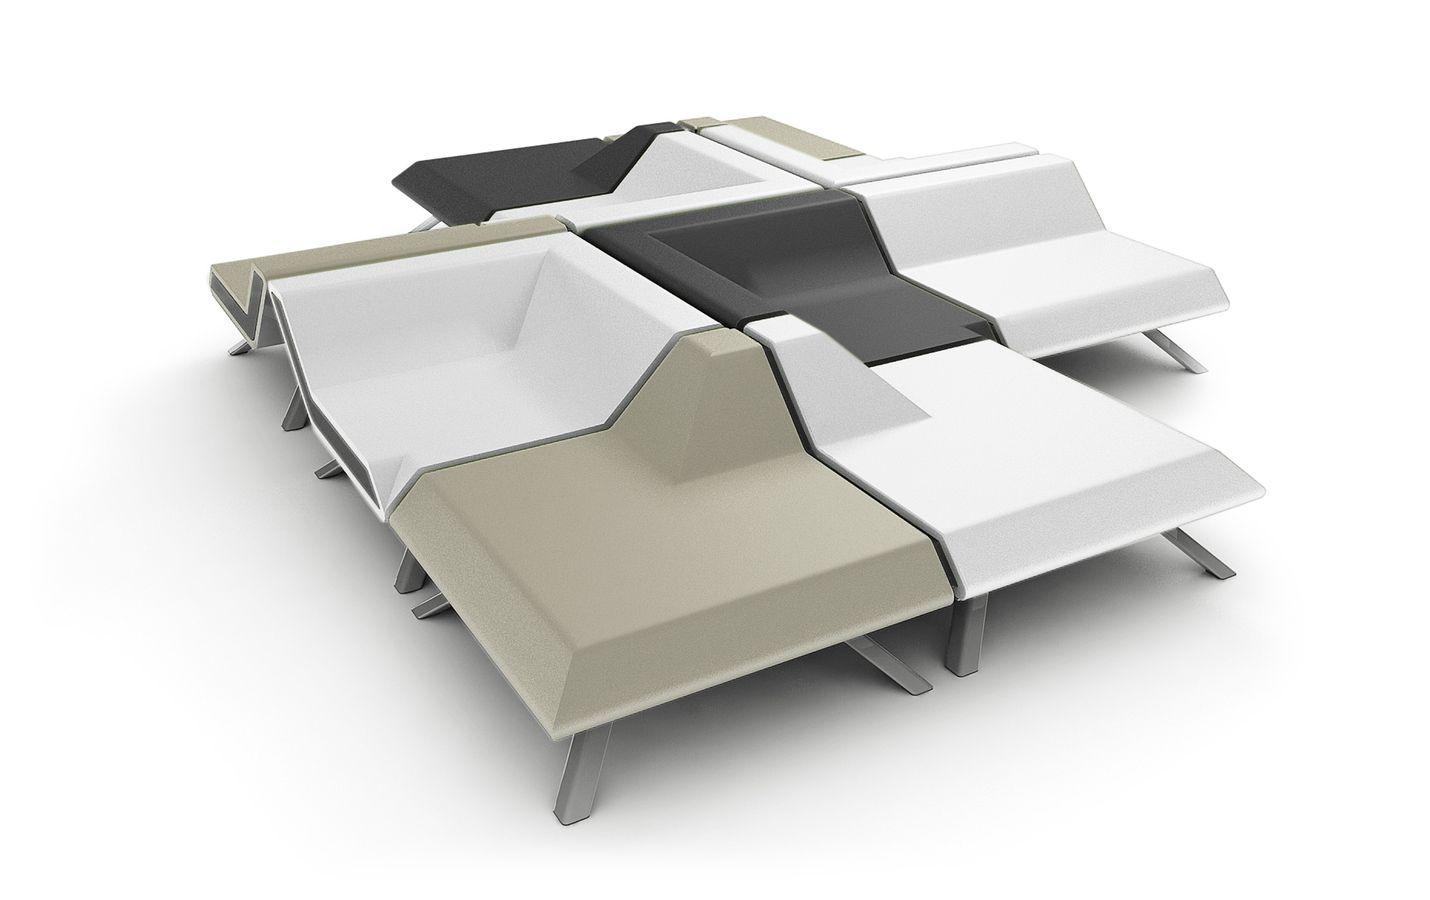 pas cher pour réduction adda6 b1ace fauteuil modulable contemporain F.02 by David Menting JSPR ...